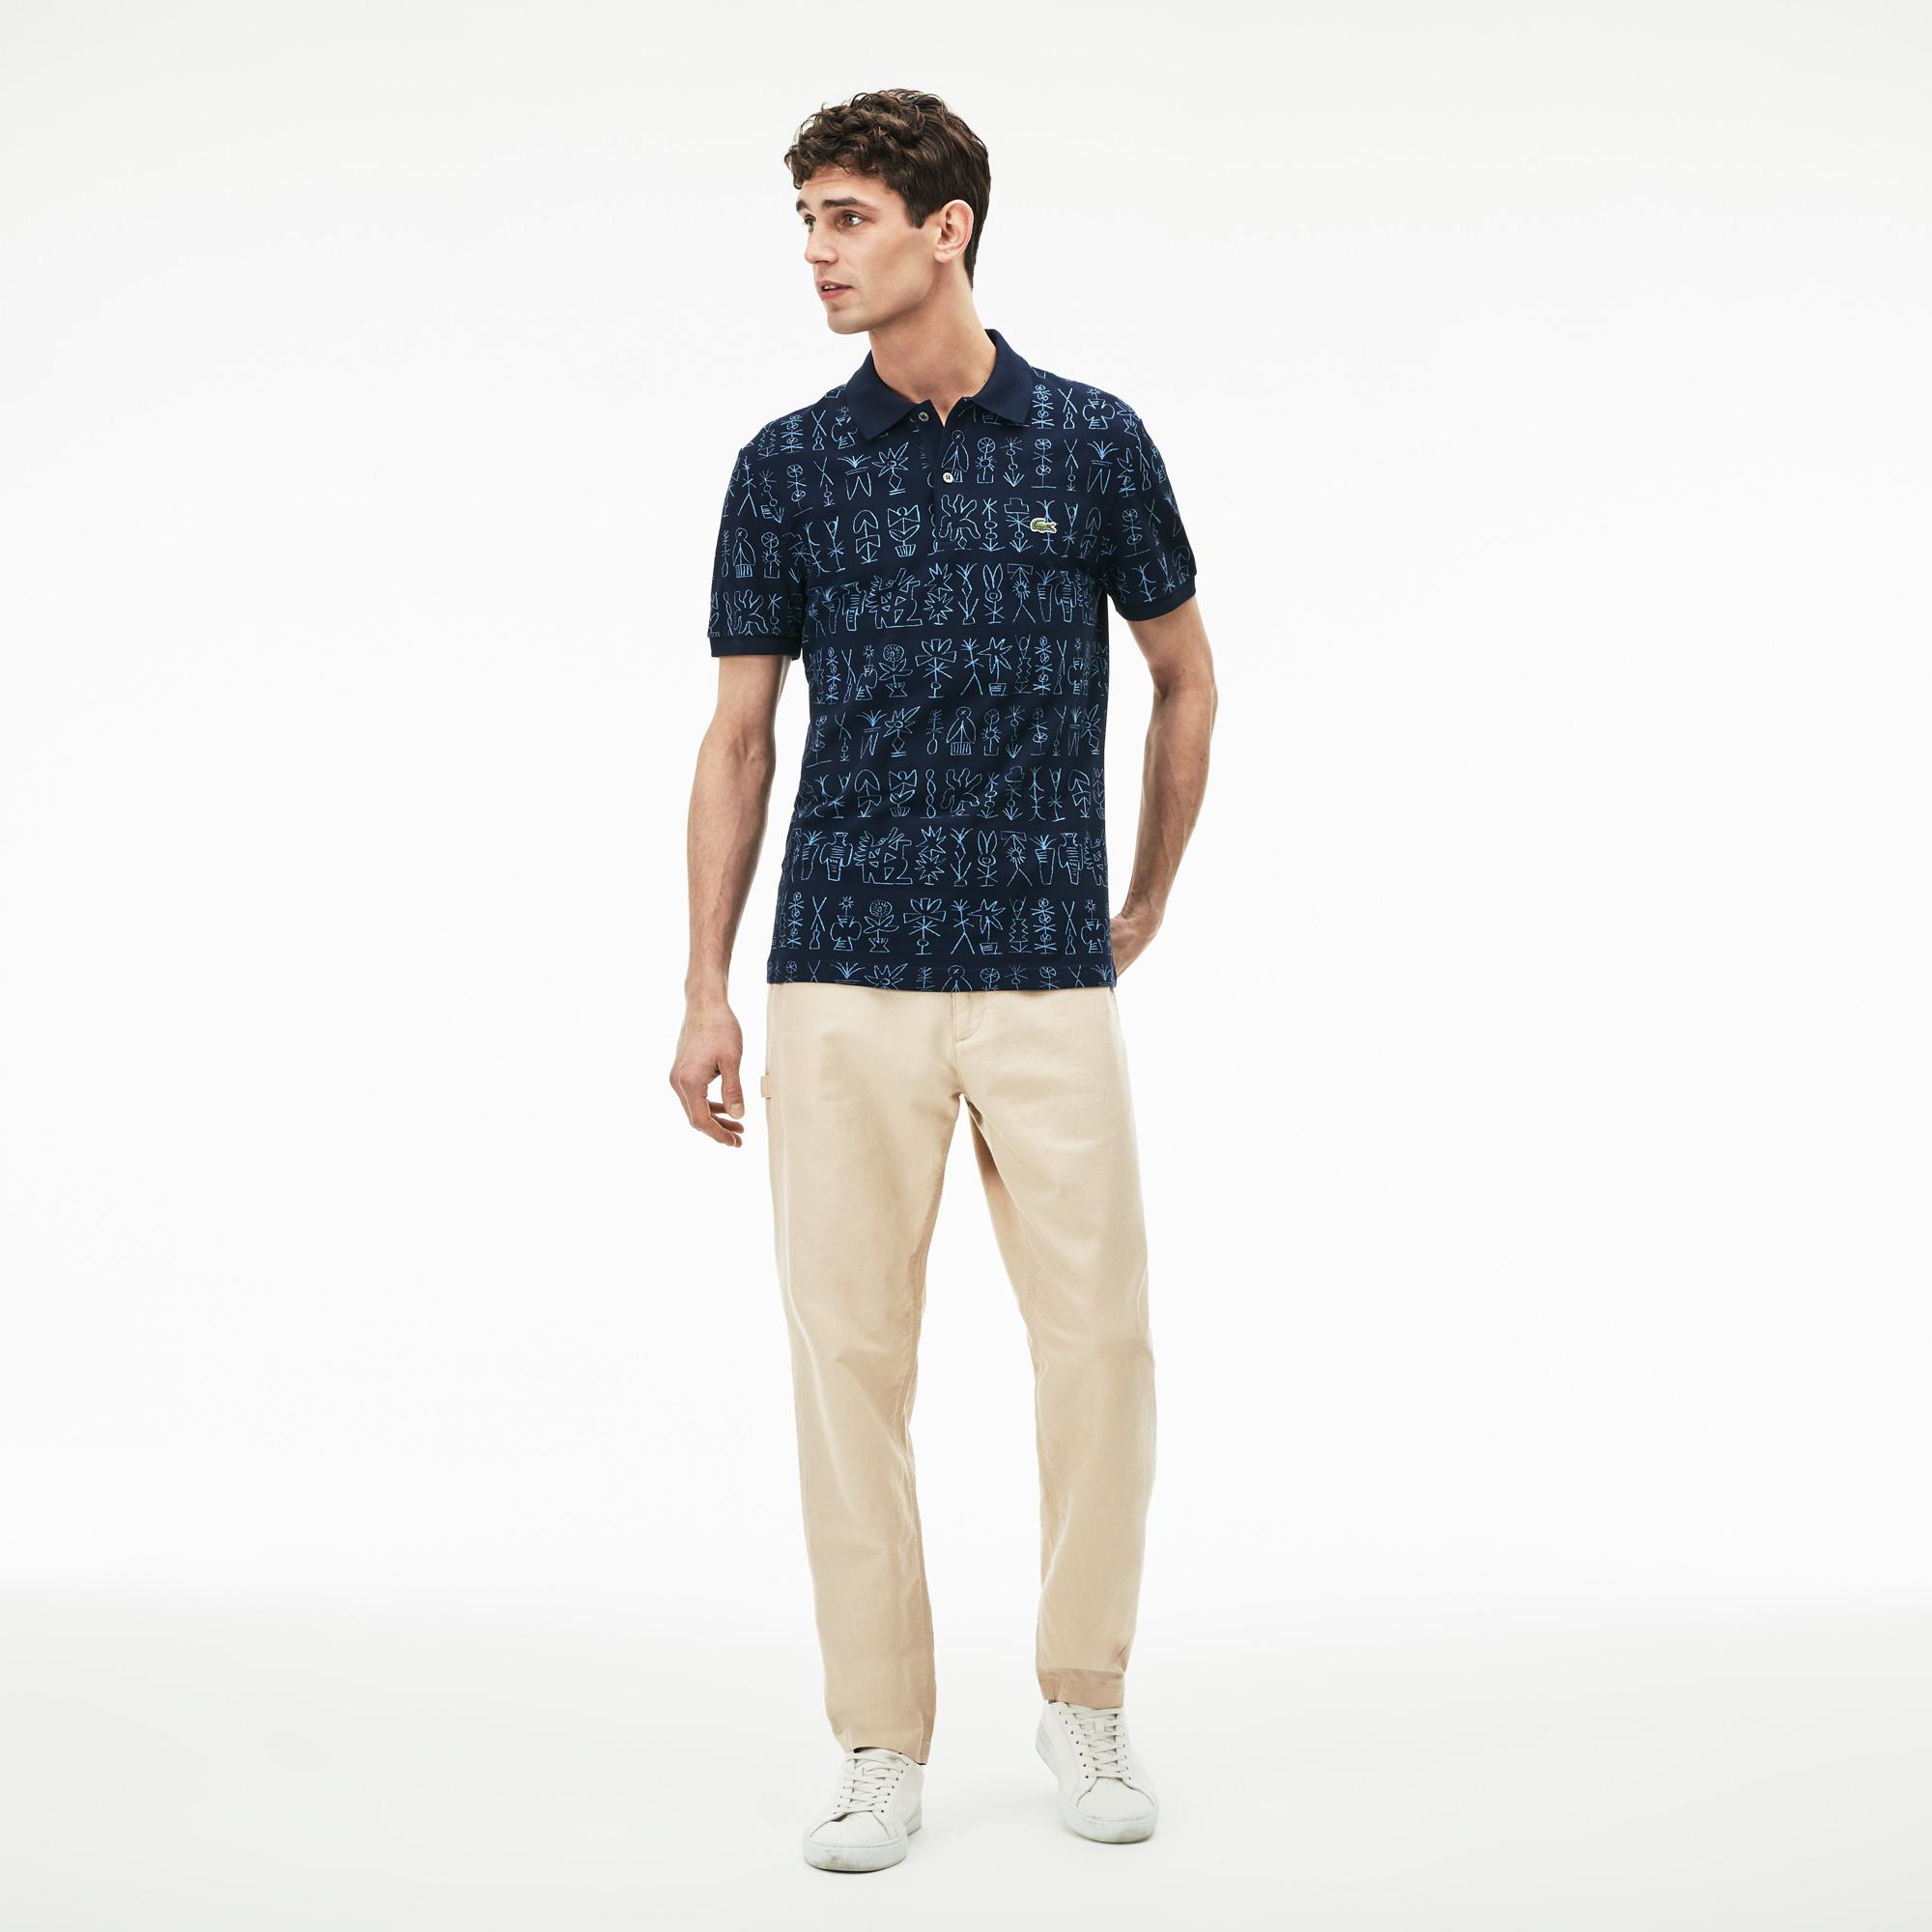 Брюки Lacoste Regular fitБрюки<br>Детали: мужские брюки на каждый день  \ Материал: 75% хлопок 25% лен 50% хлопок 50% полиэстер \ Страна производства: Тунис